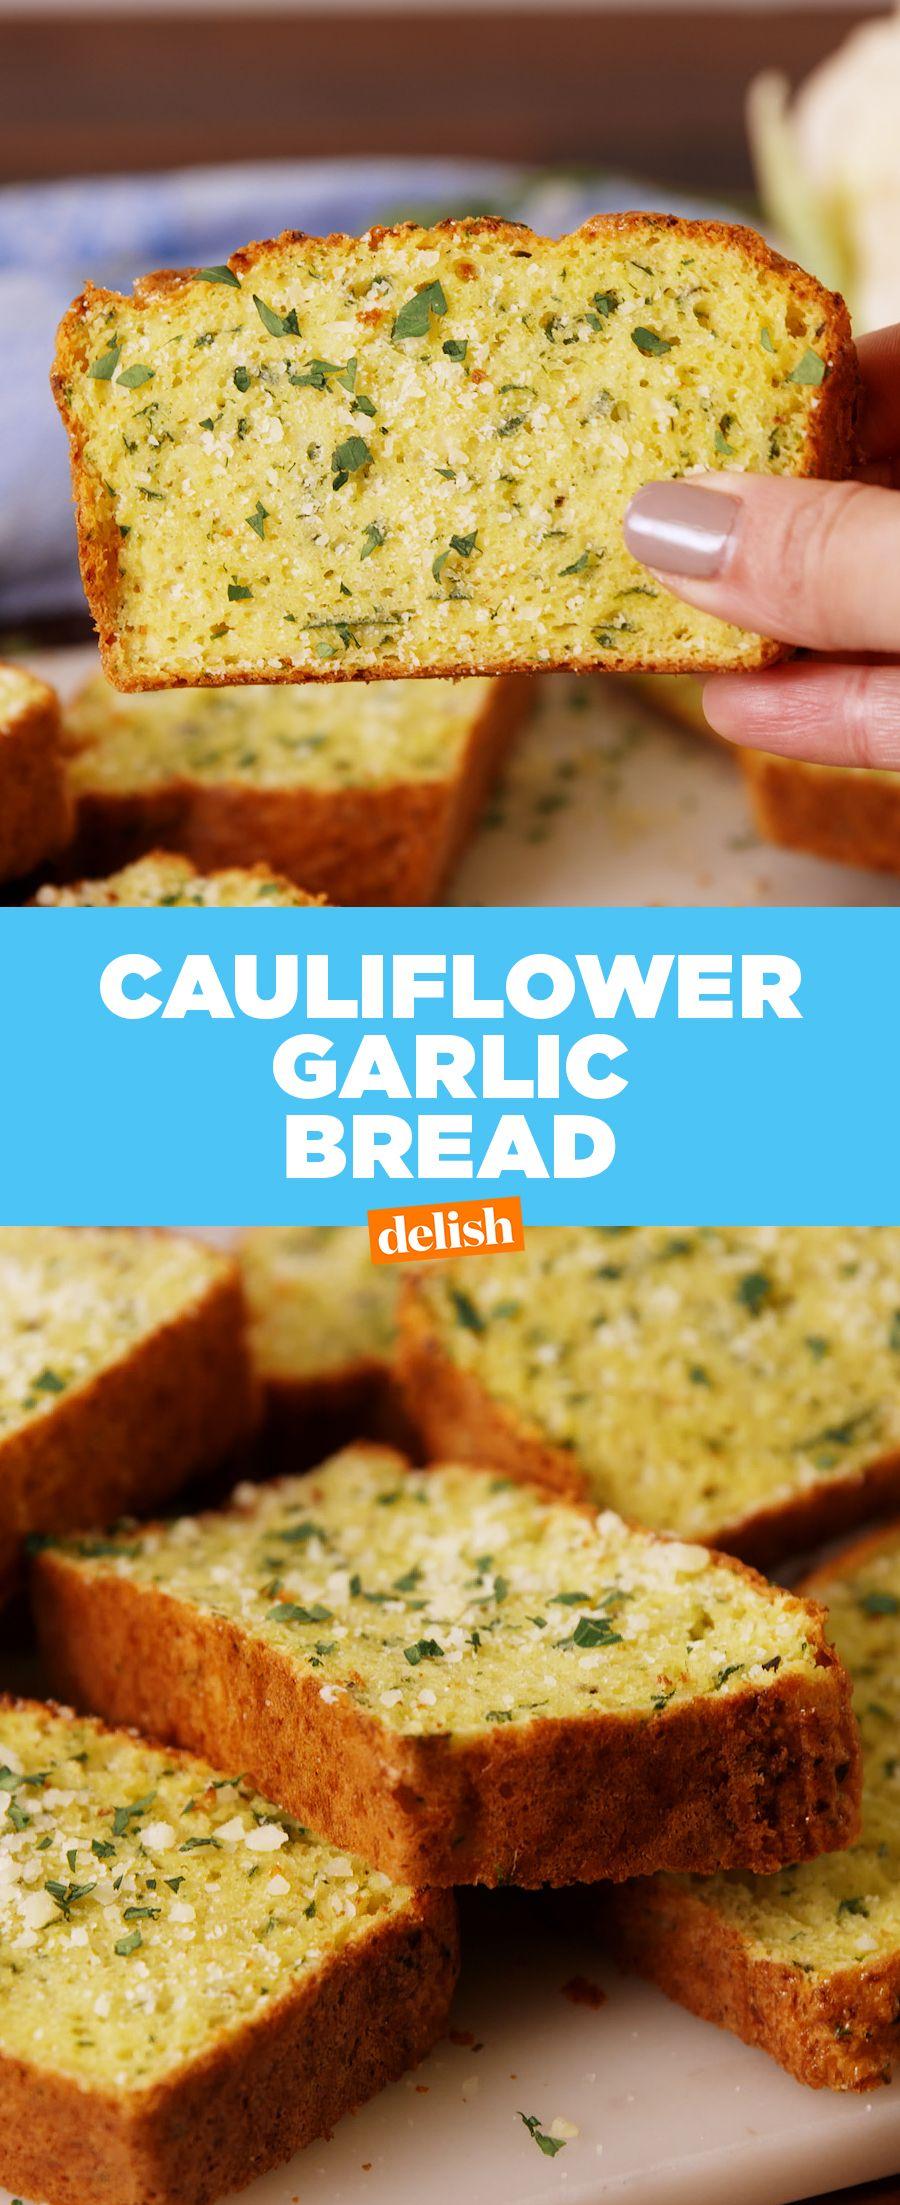 Cauliflower Garlic Bread Recipe Food Recipes Cauliflower